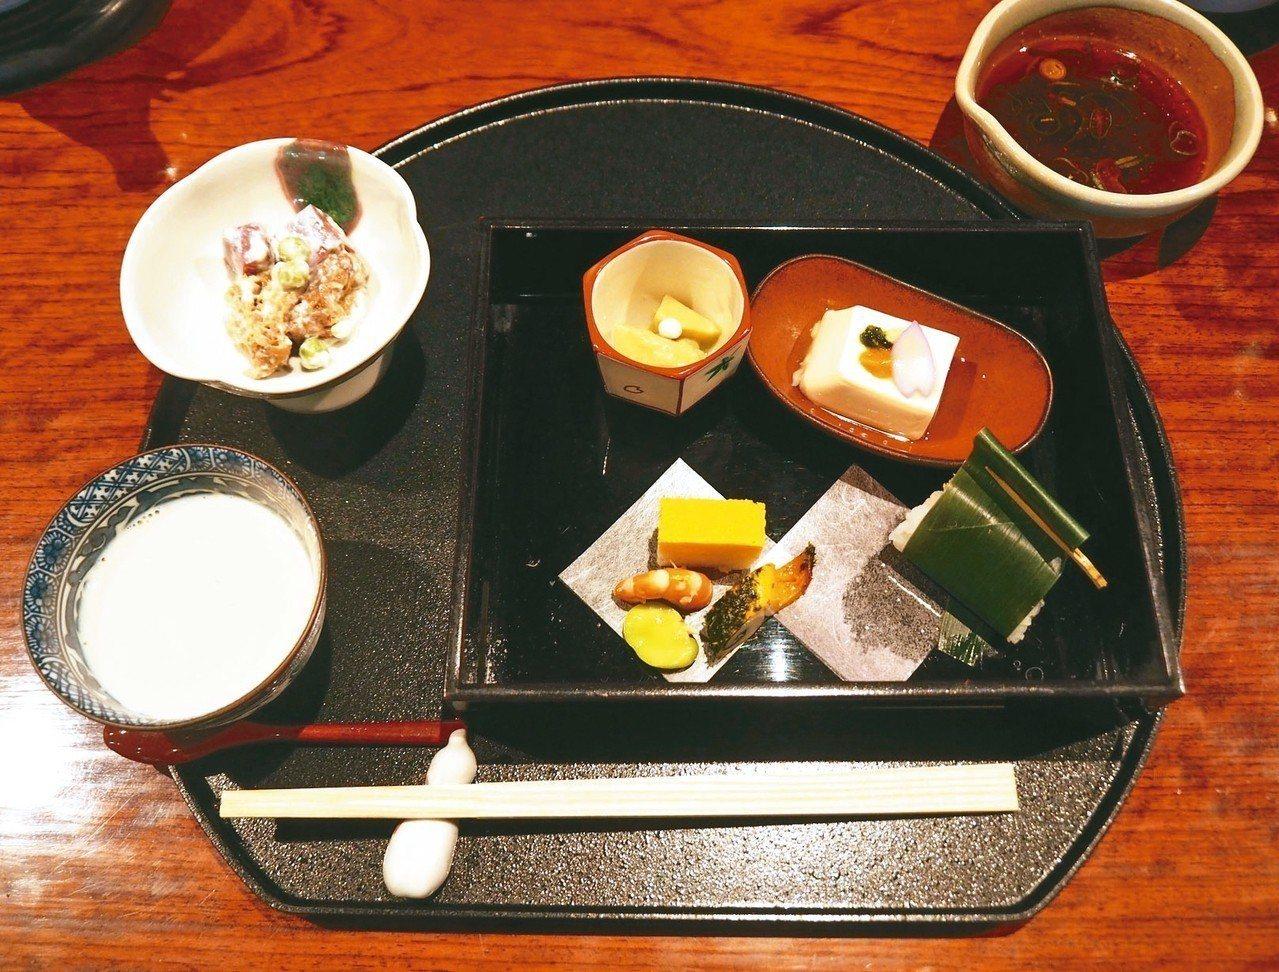 順正湯豆腐會席是人氣美食。 圖/有行旅提供